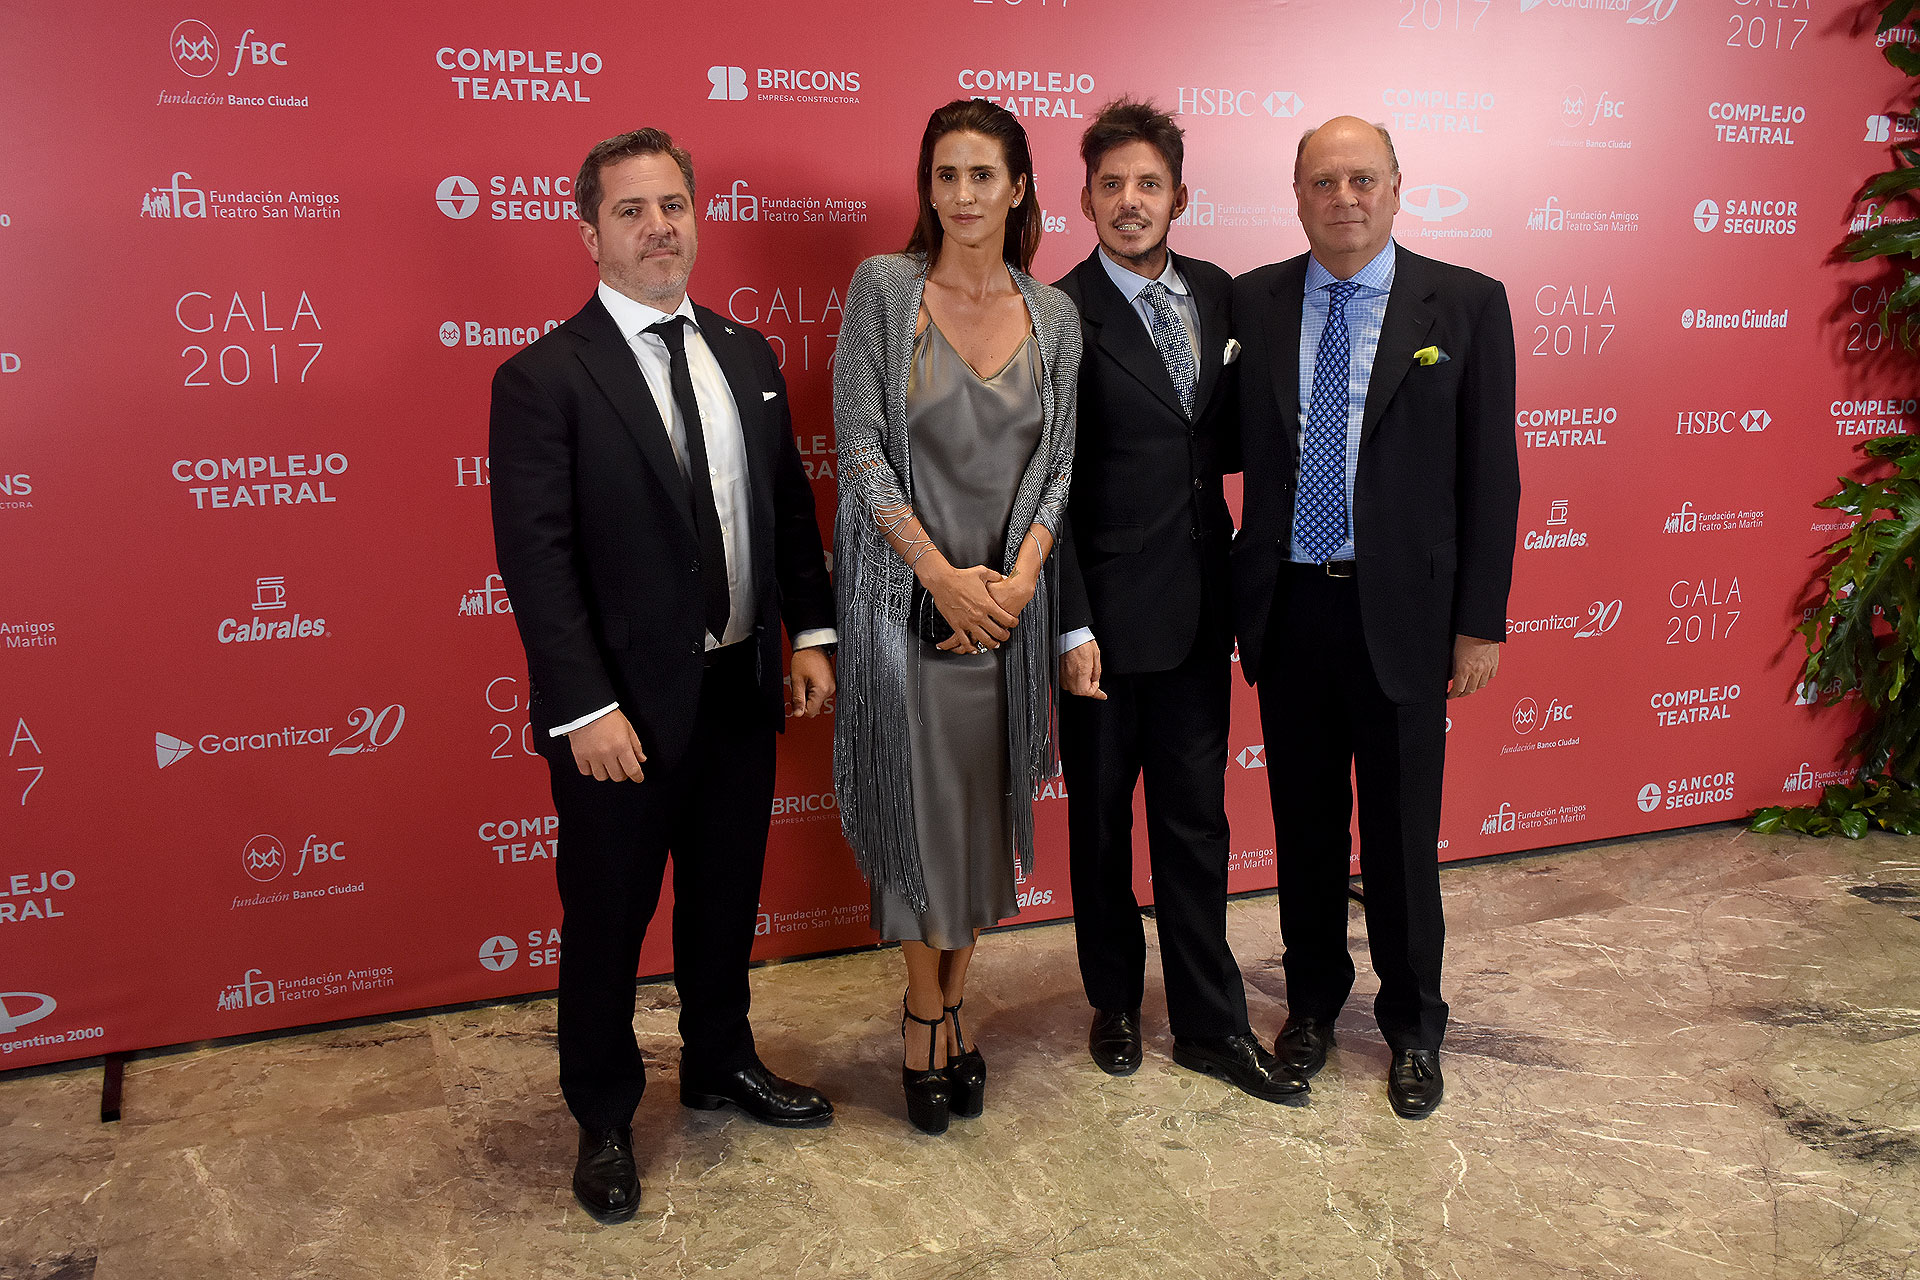 Verde Saenz Valiente, Mercedes Ocampo, Gerard Confalonieri y Martín Cabrales